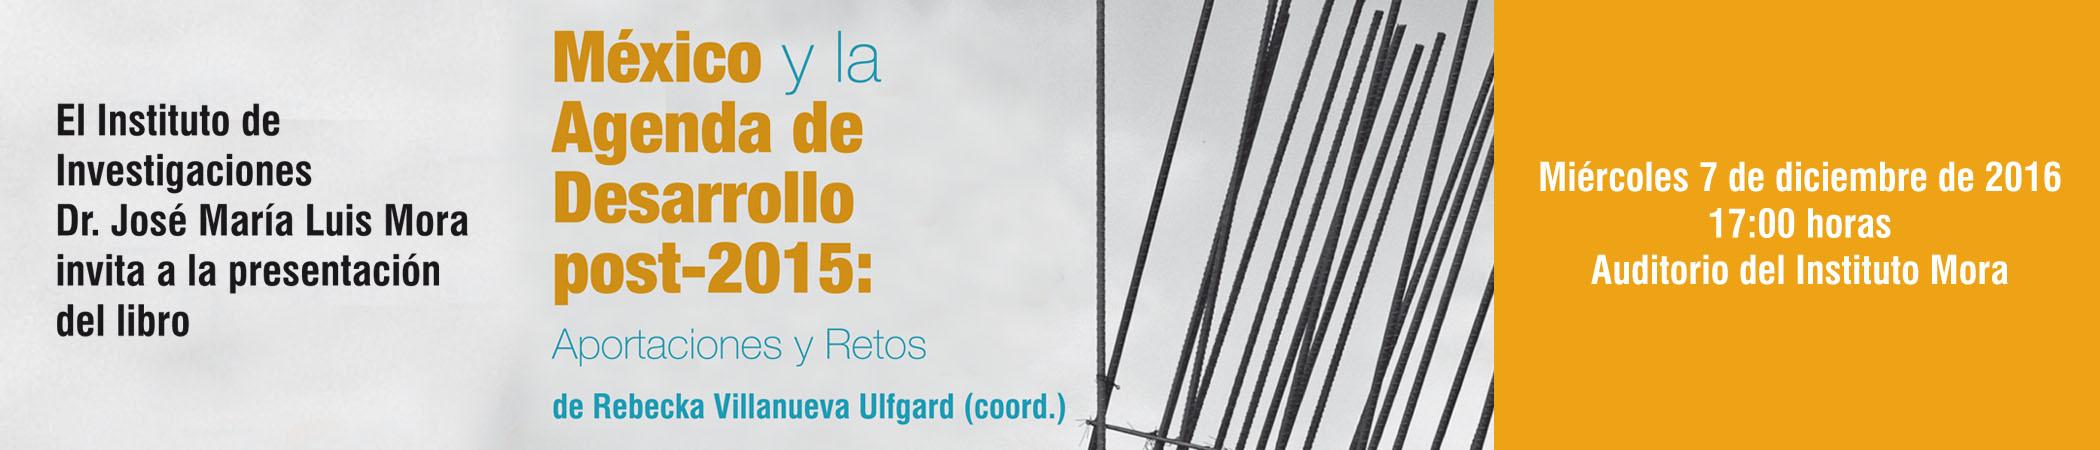 Presentación del libro México y la Agenda de Desarrollo post-2015